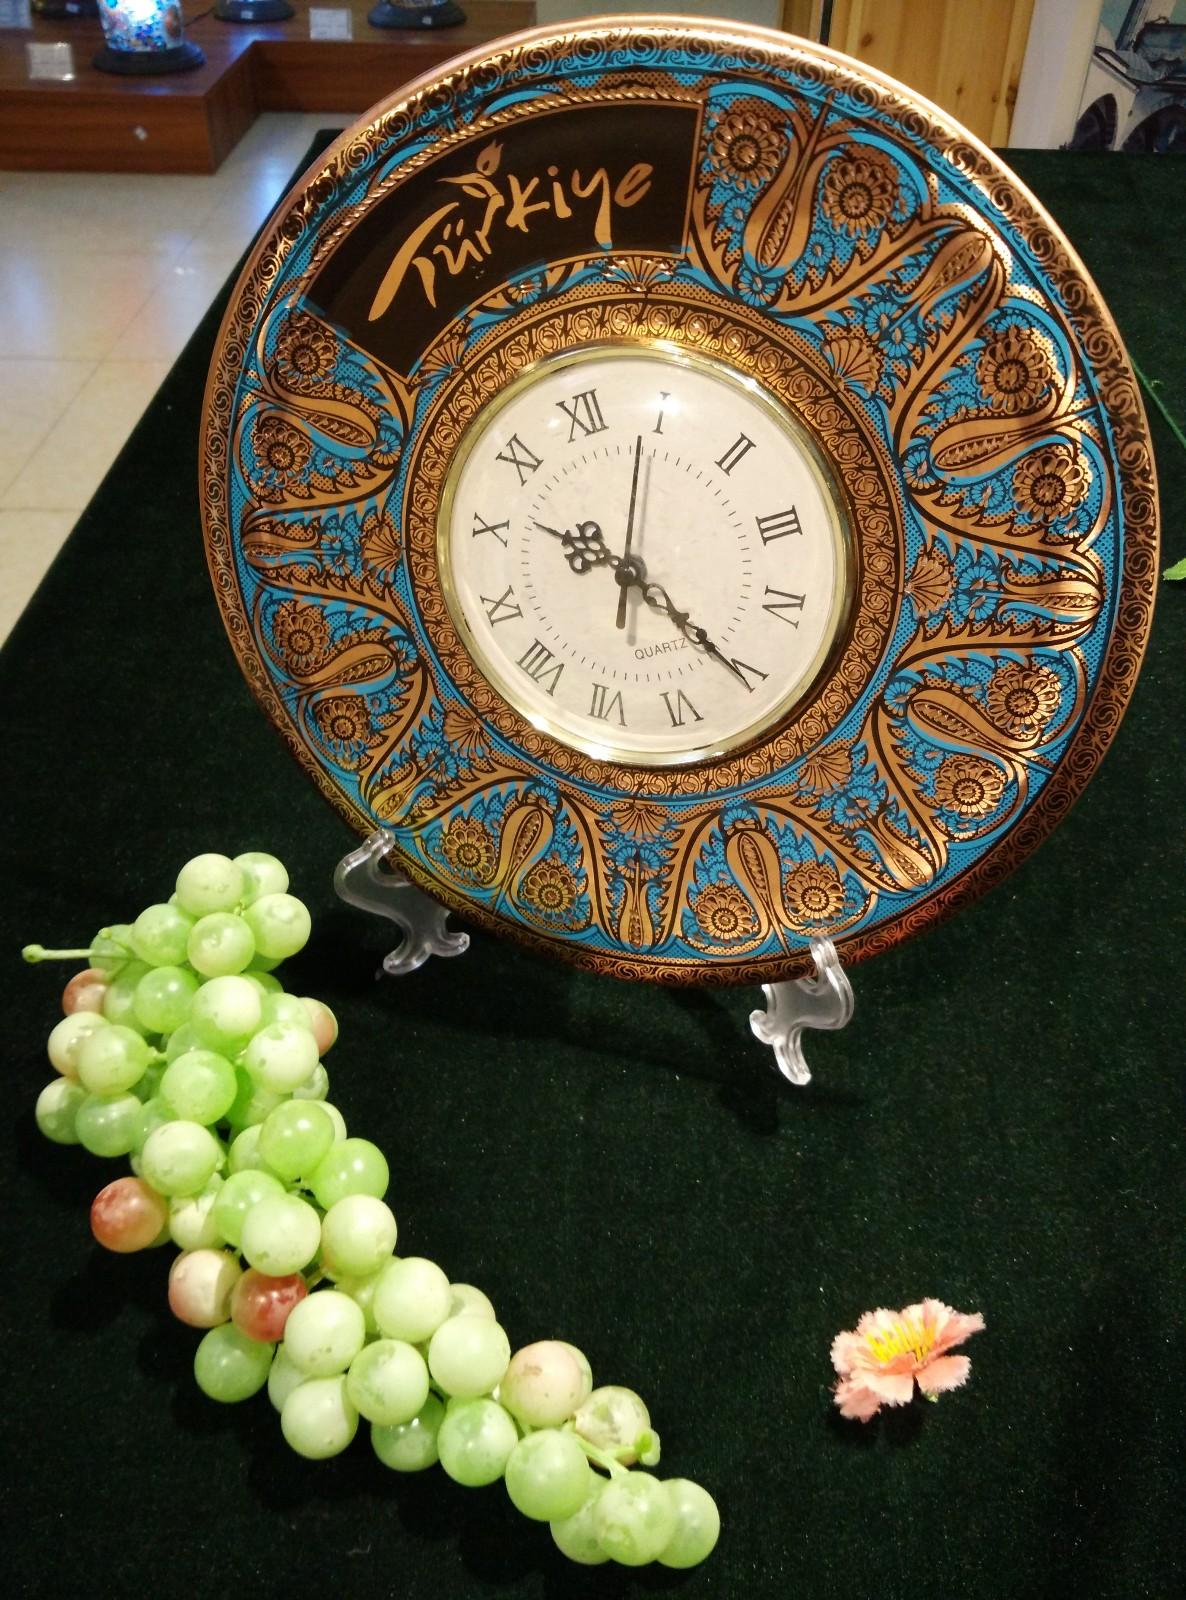 土耳其钟表图片二